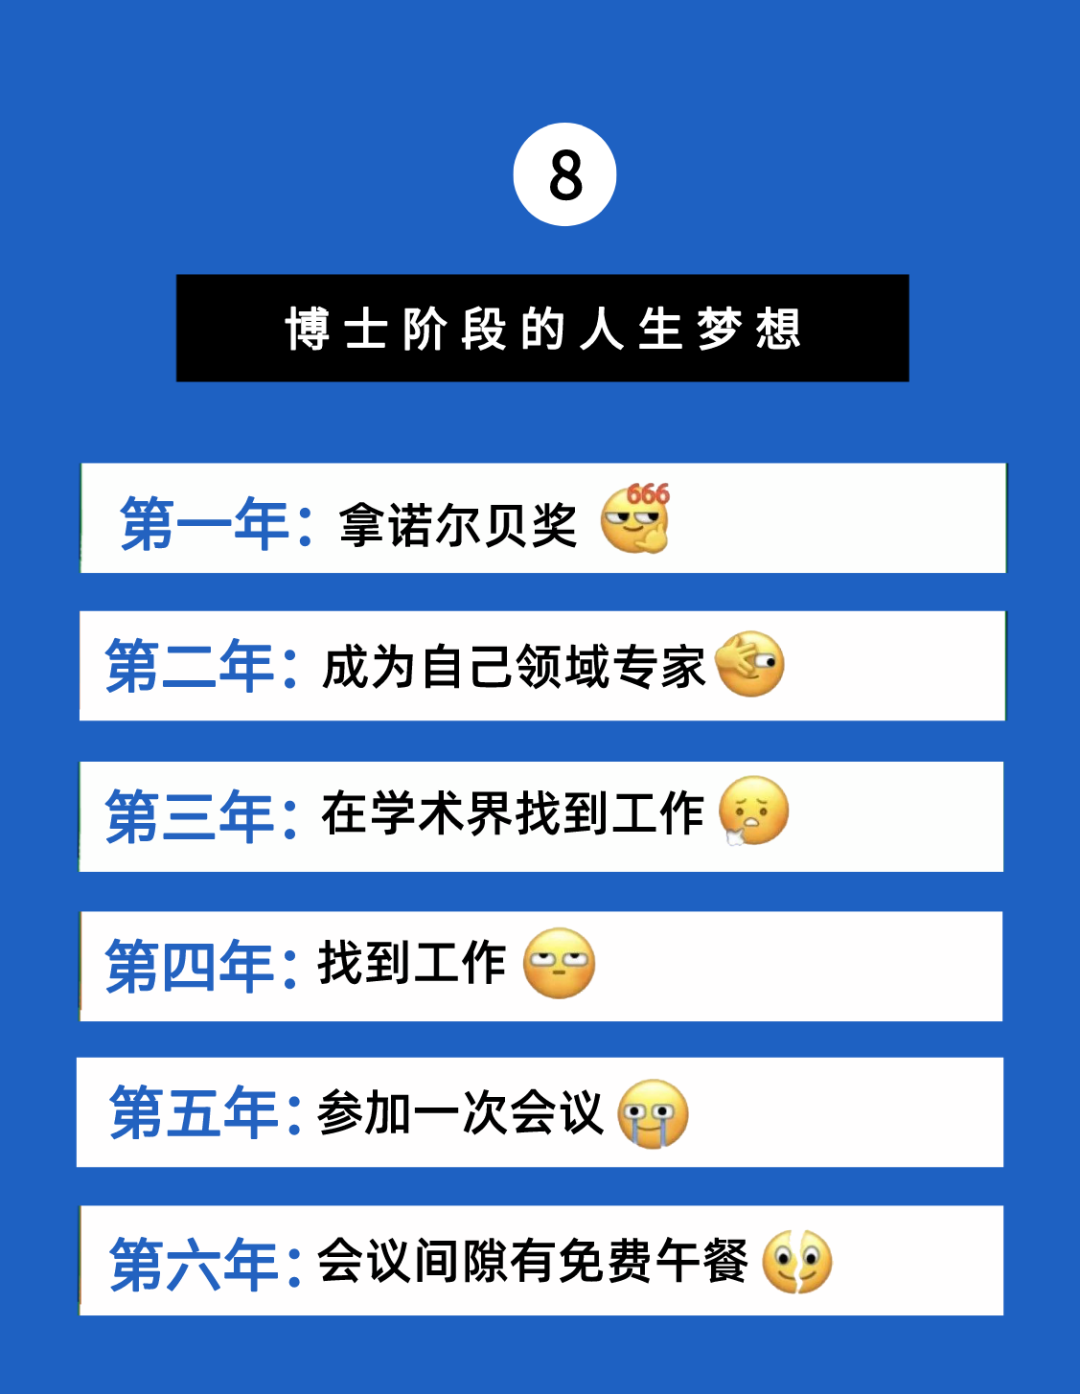 微信新表情大赏——科研狗的正确使用方法!10.png